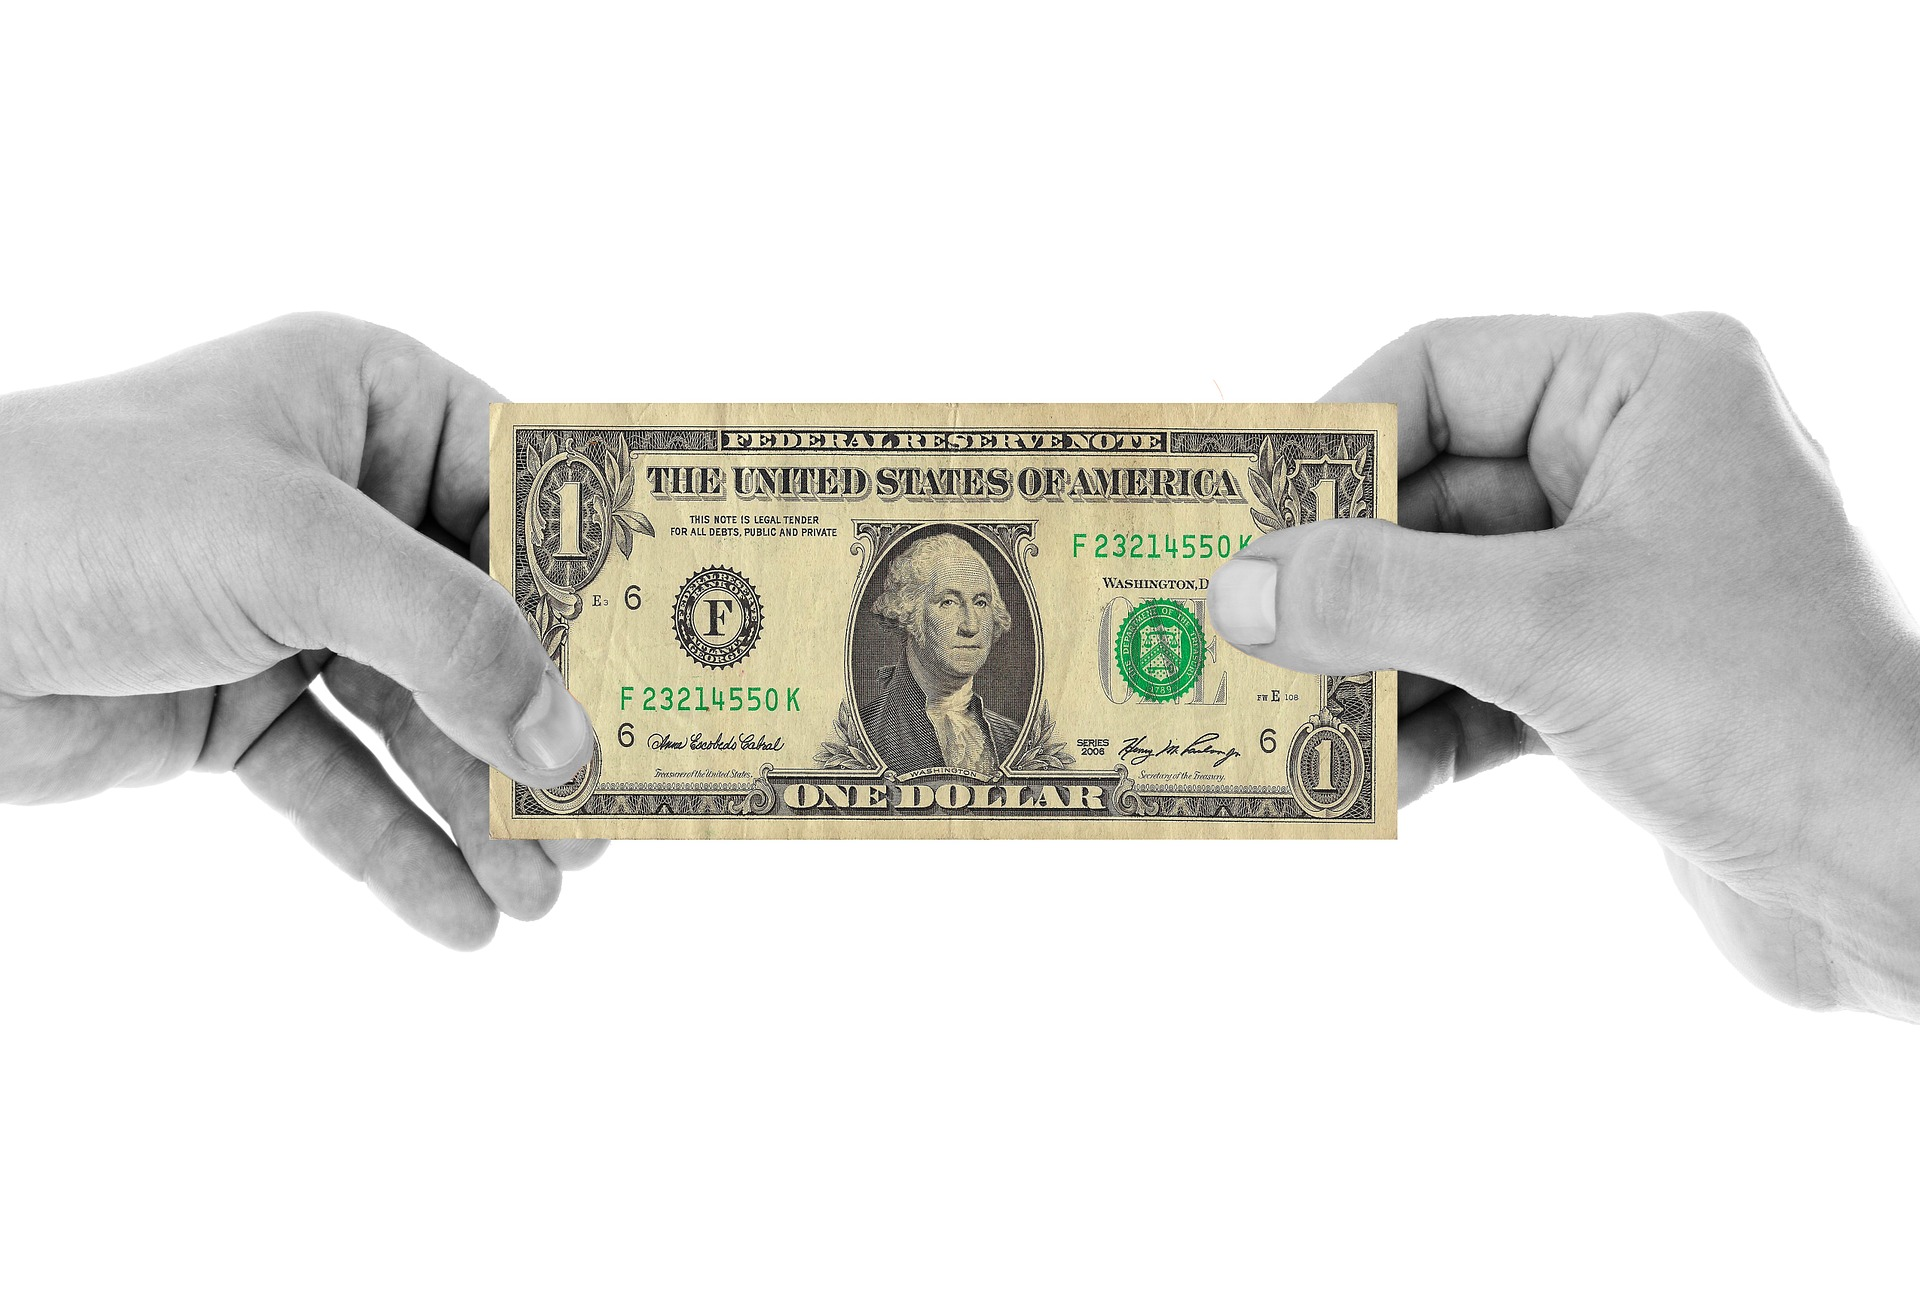 Willst du wissen, wo du finanziell stehst?